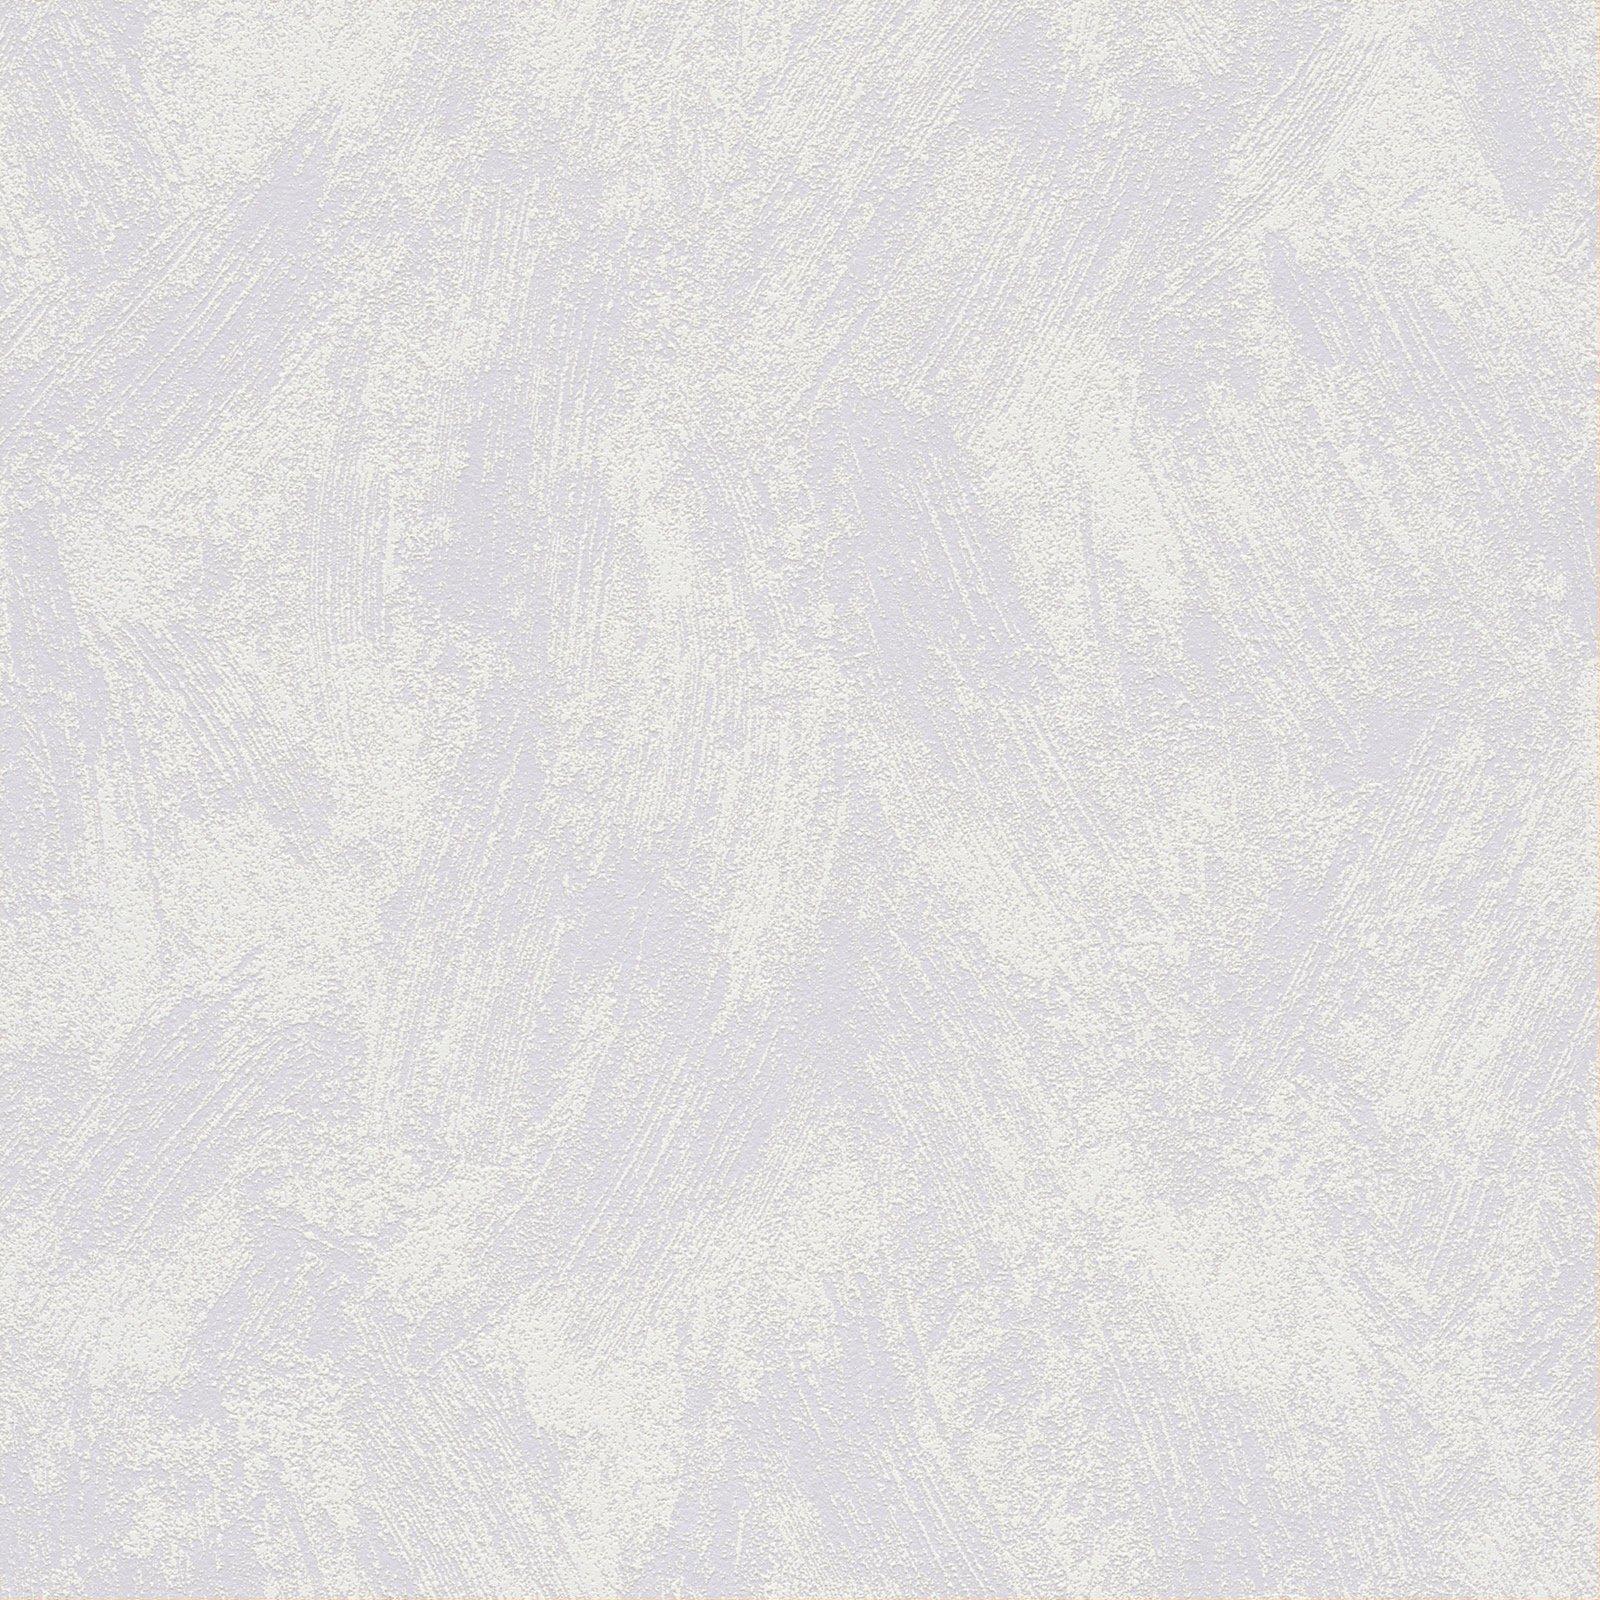 Profitan vliestapete grau 15 meter vliestapeten for Roller tapeten